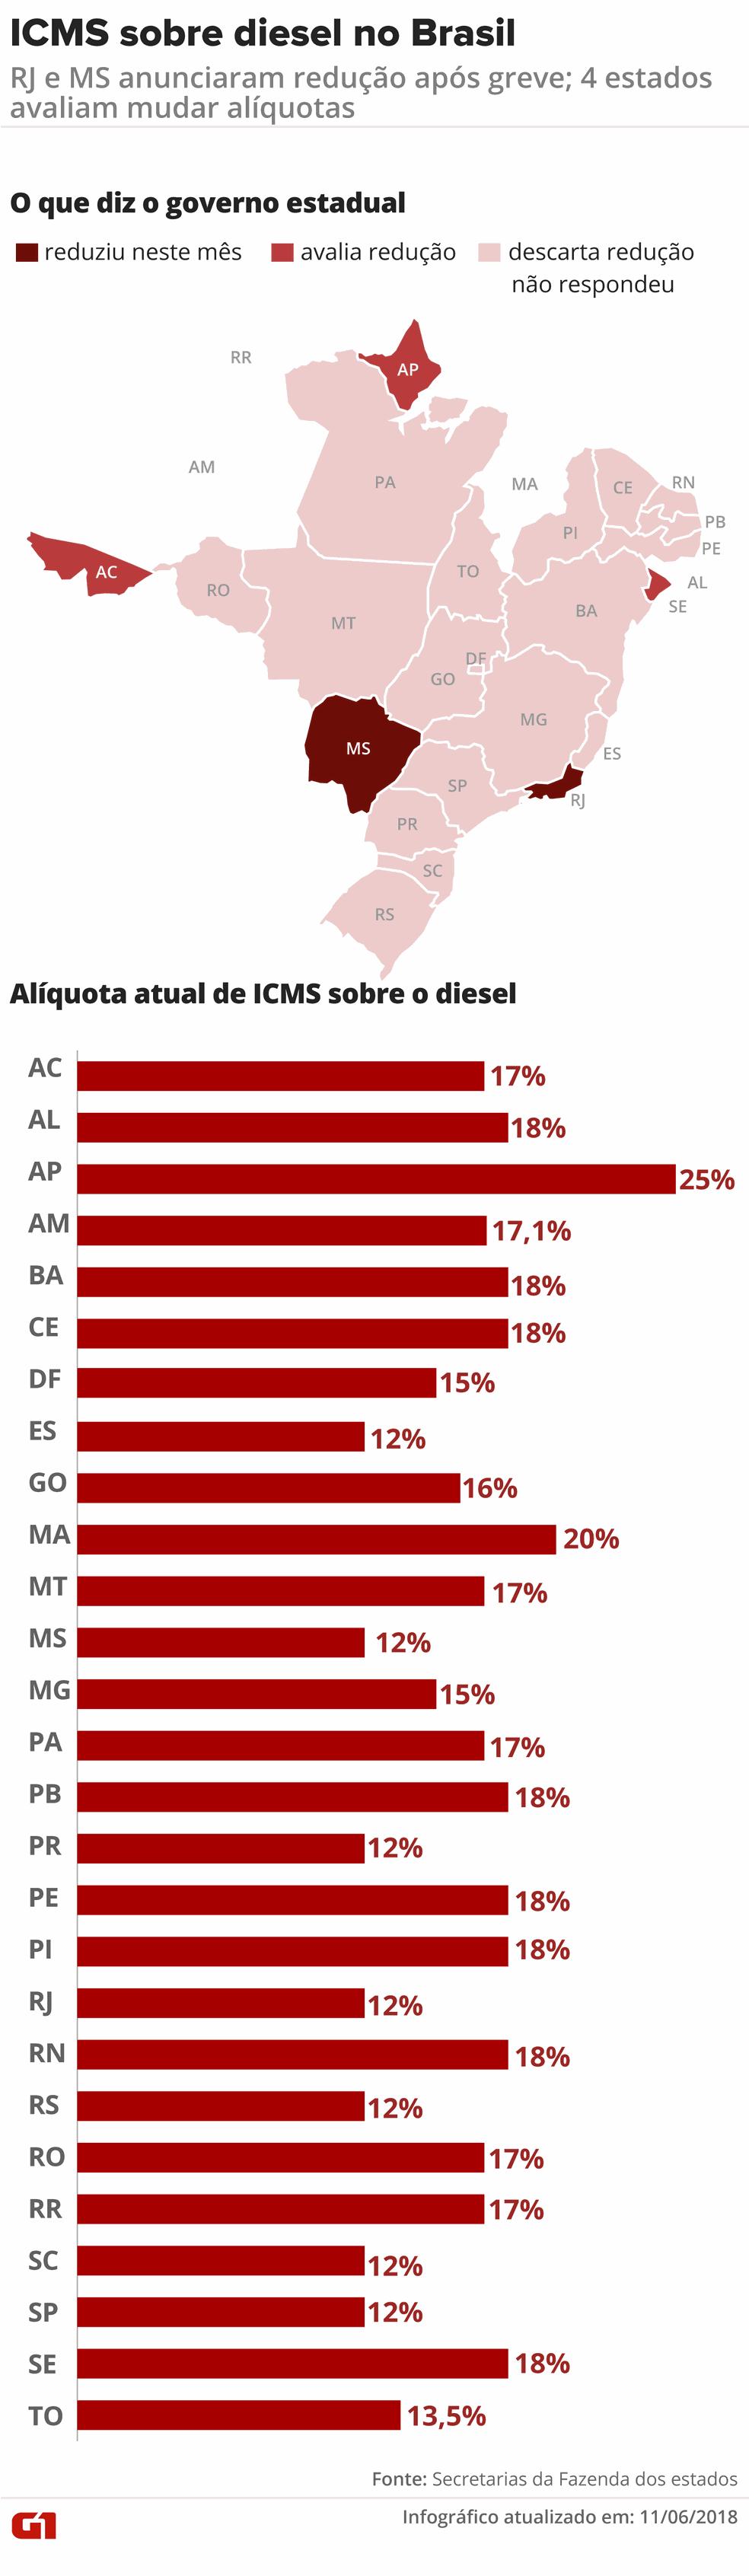 Infográfico detalha quais estados avaliam ou descartam avaliar redução no ICMS sobre o diesel (Foto: Rodrigo Cunha/Editoria de Arte)